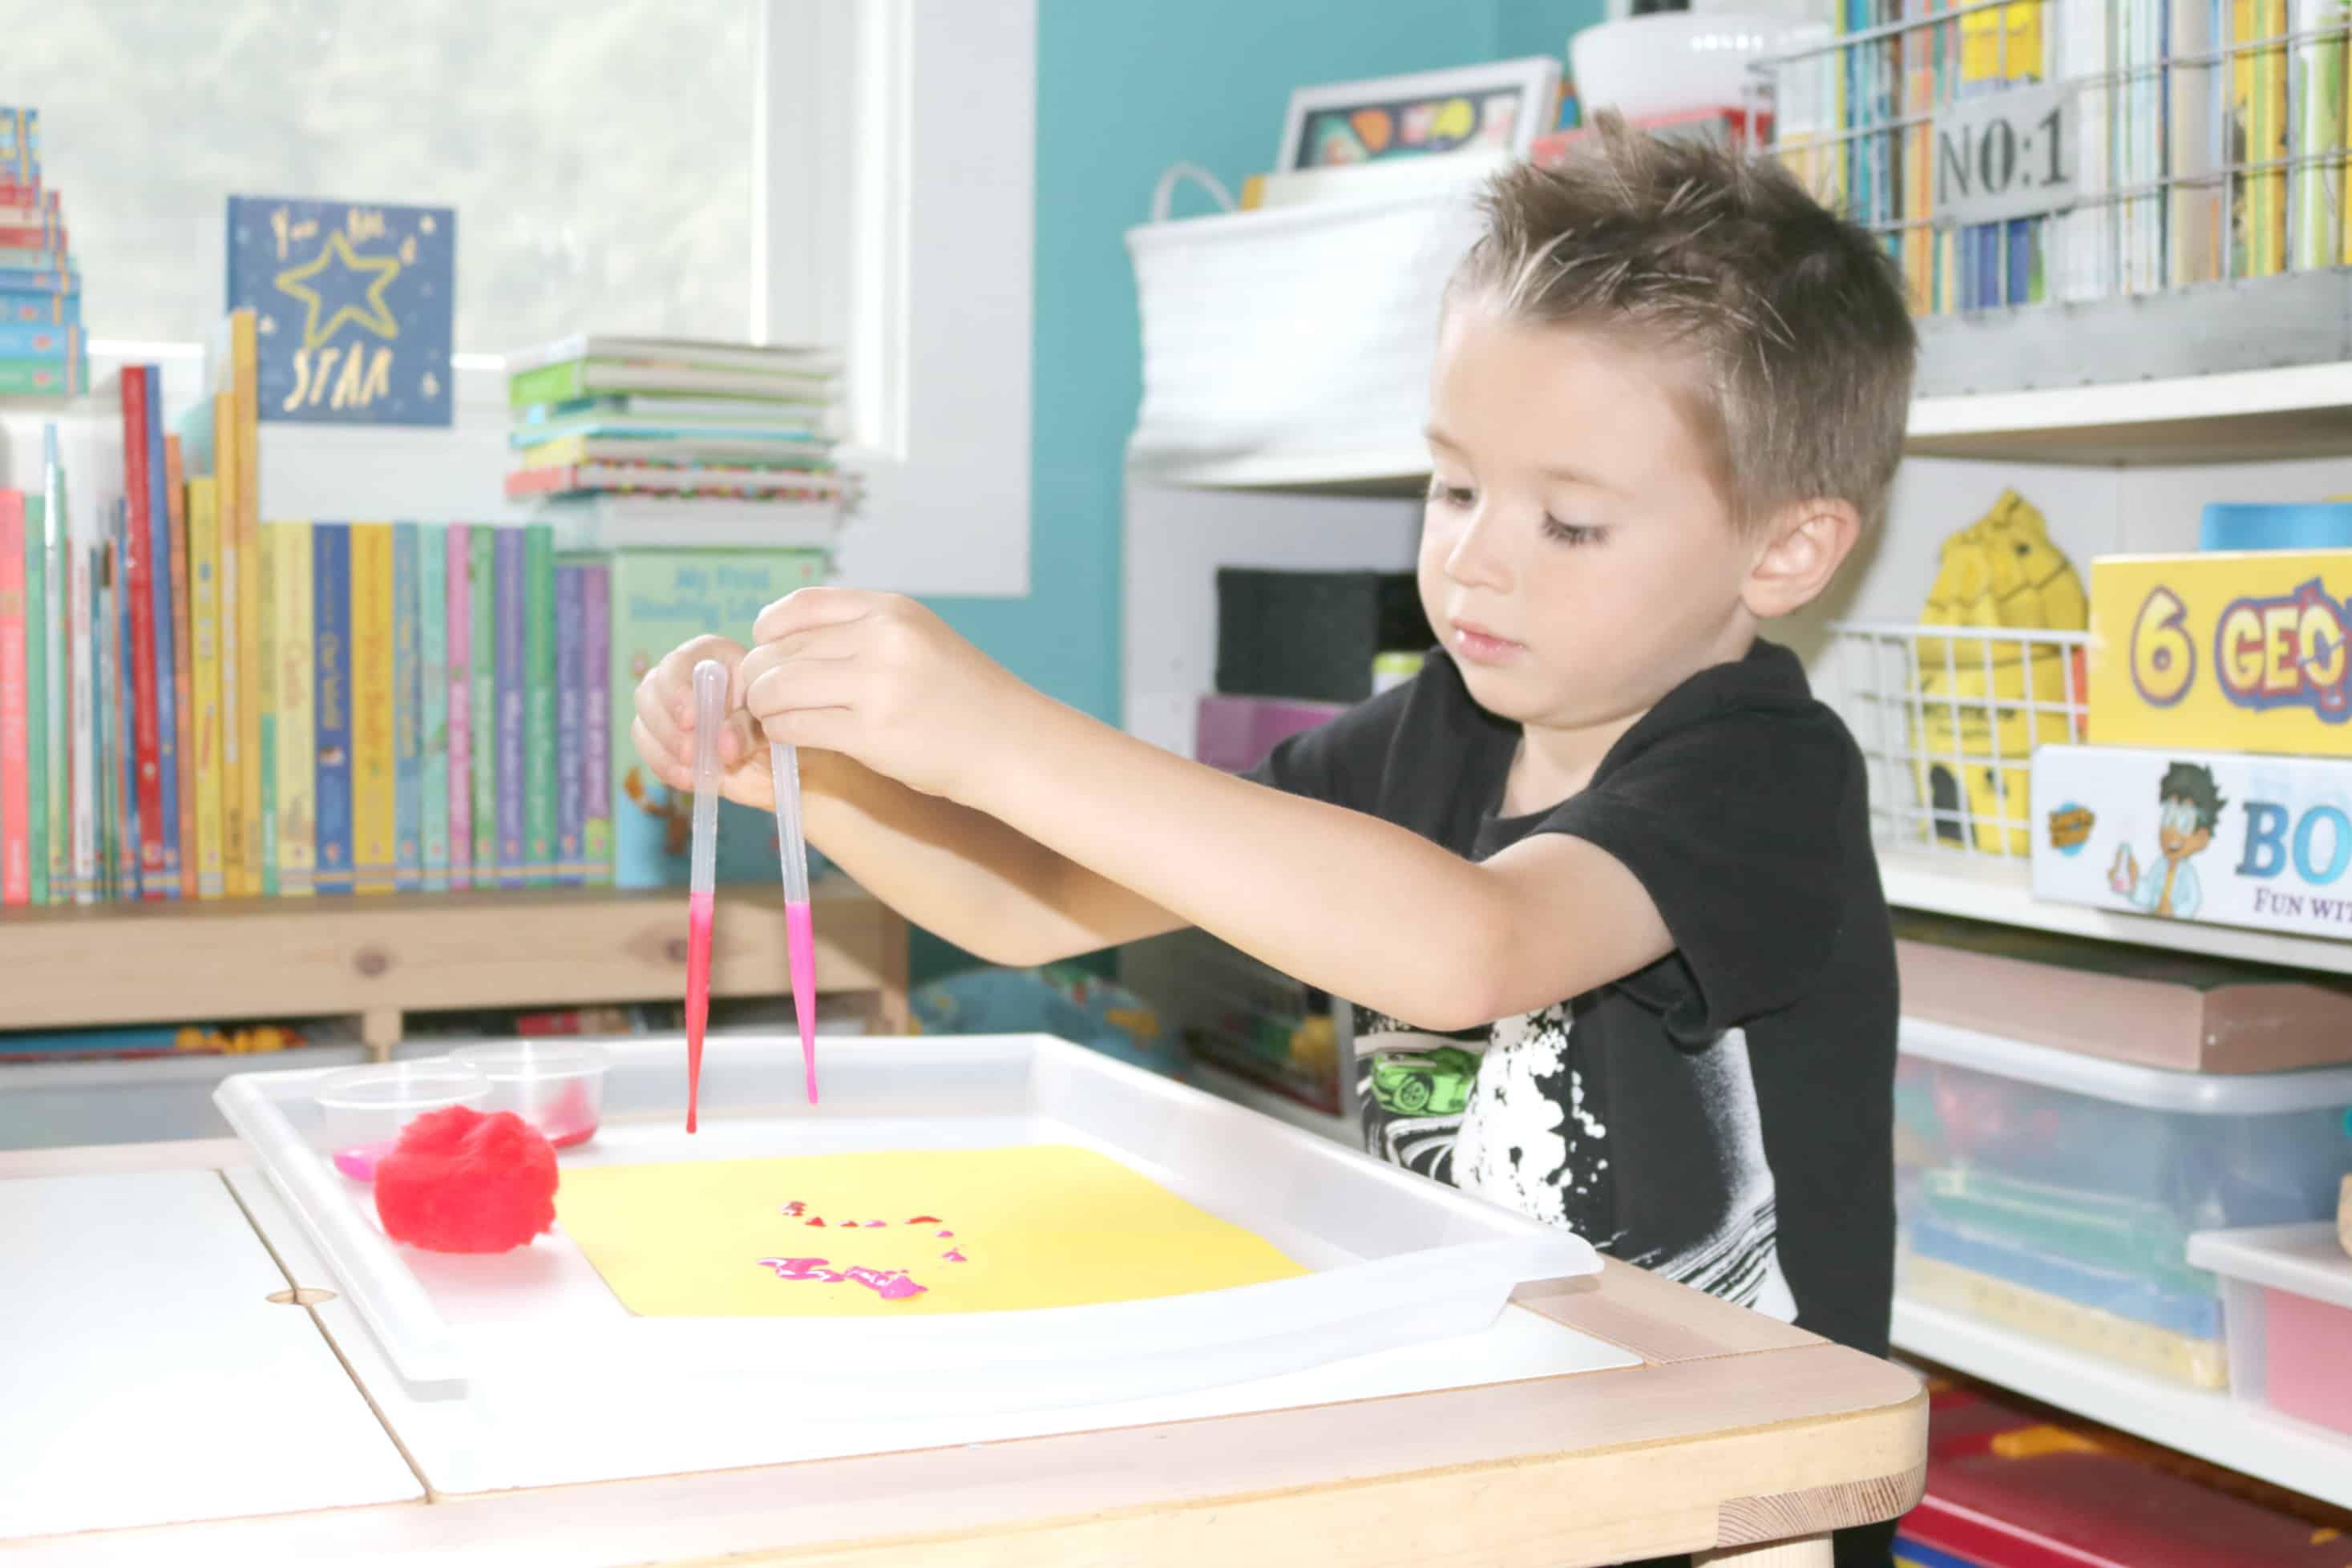 Splatter Painting for Little Kids